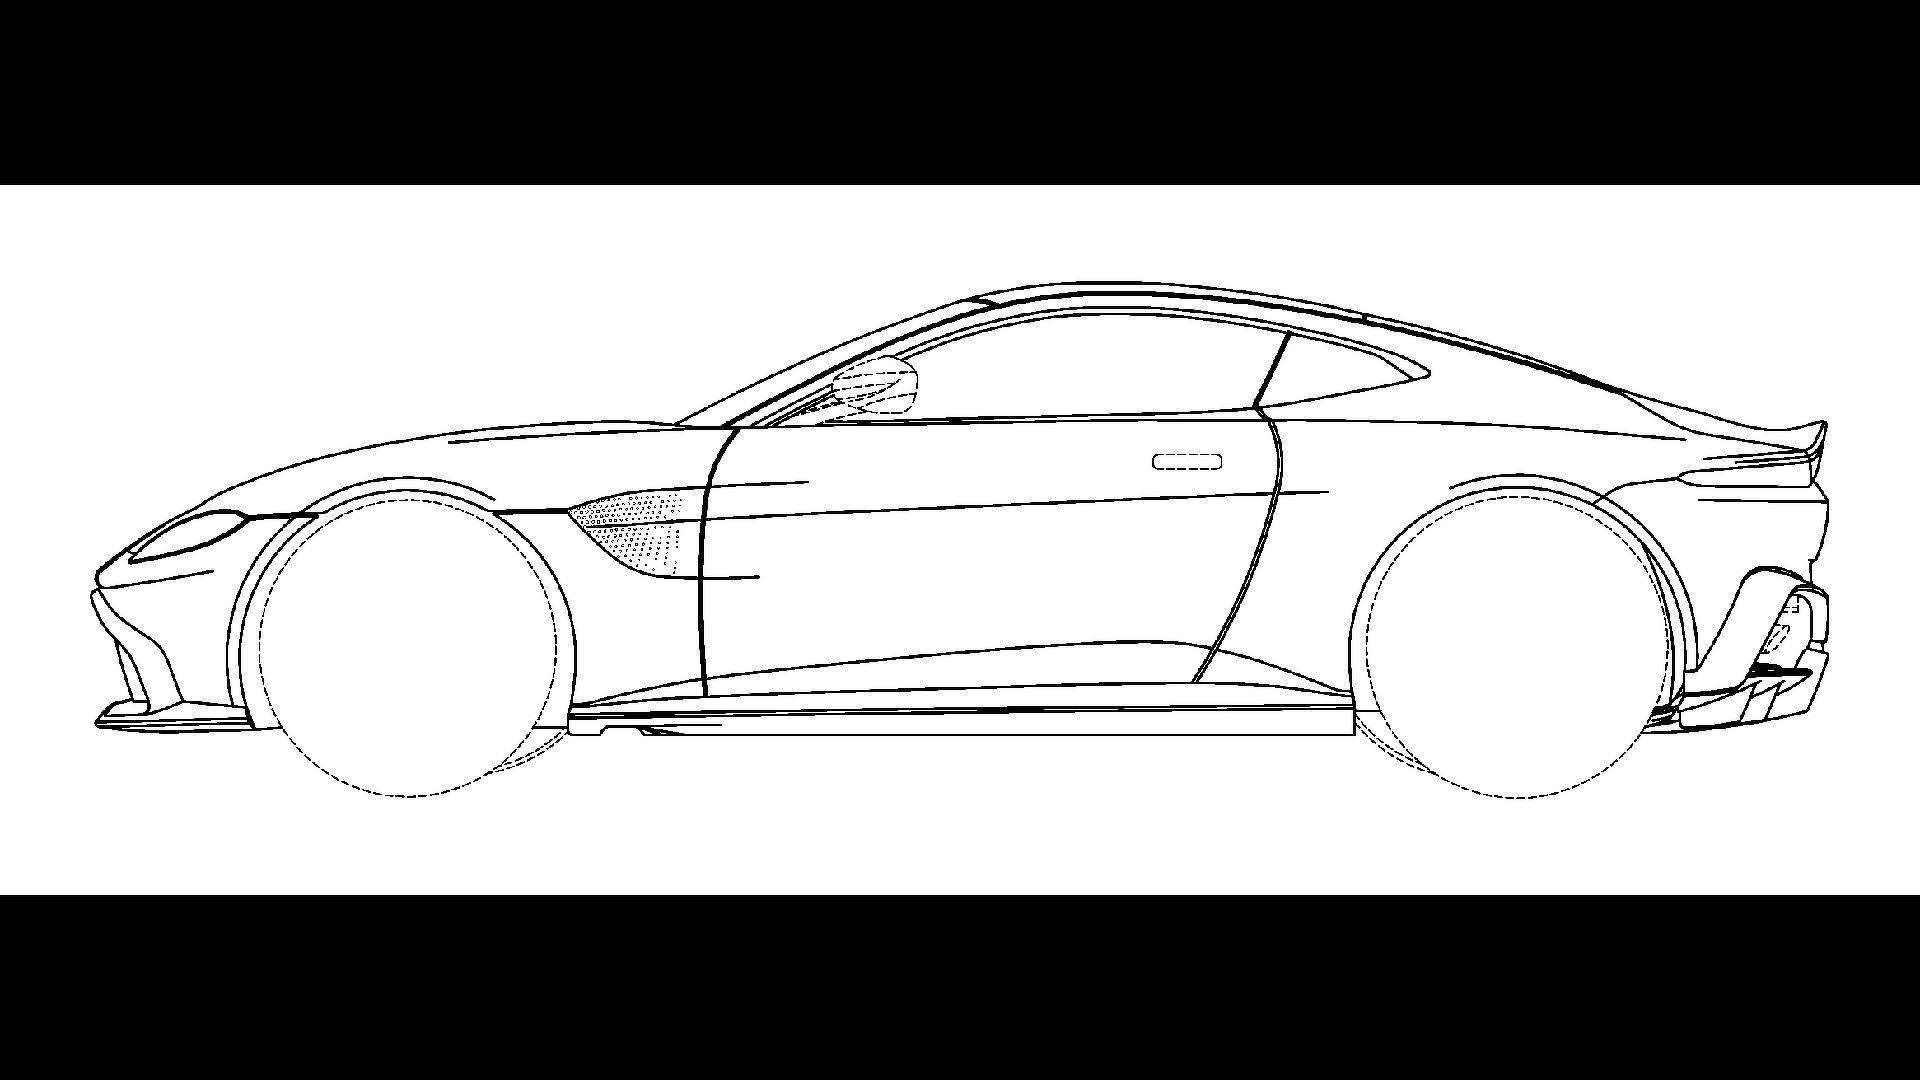 What New Aston Martin Do These Sketches Tease